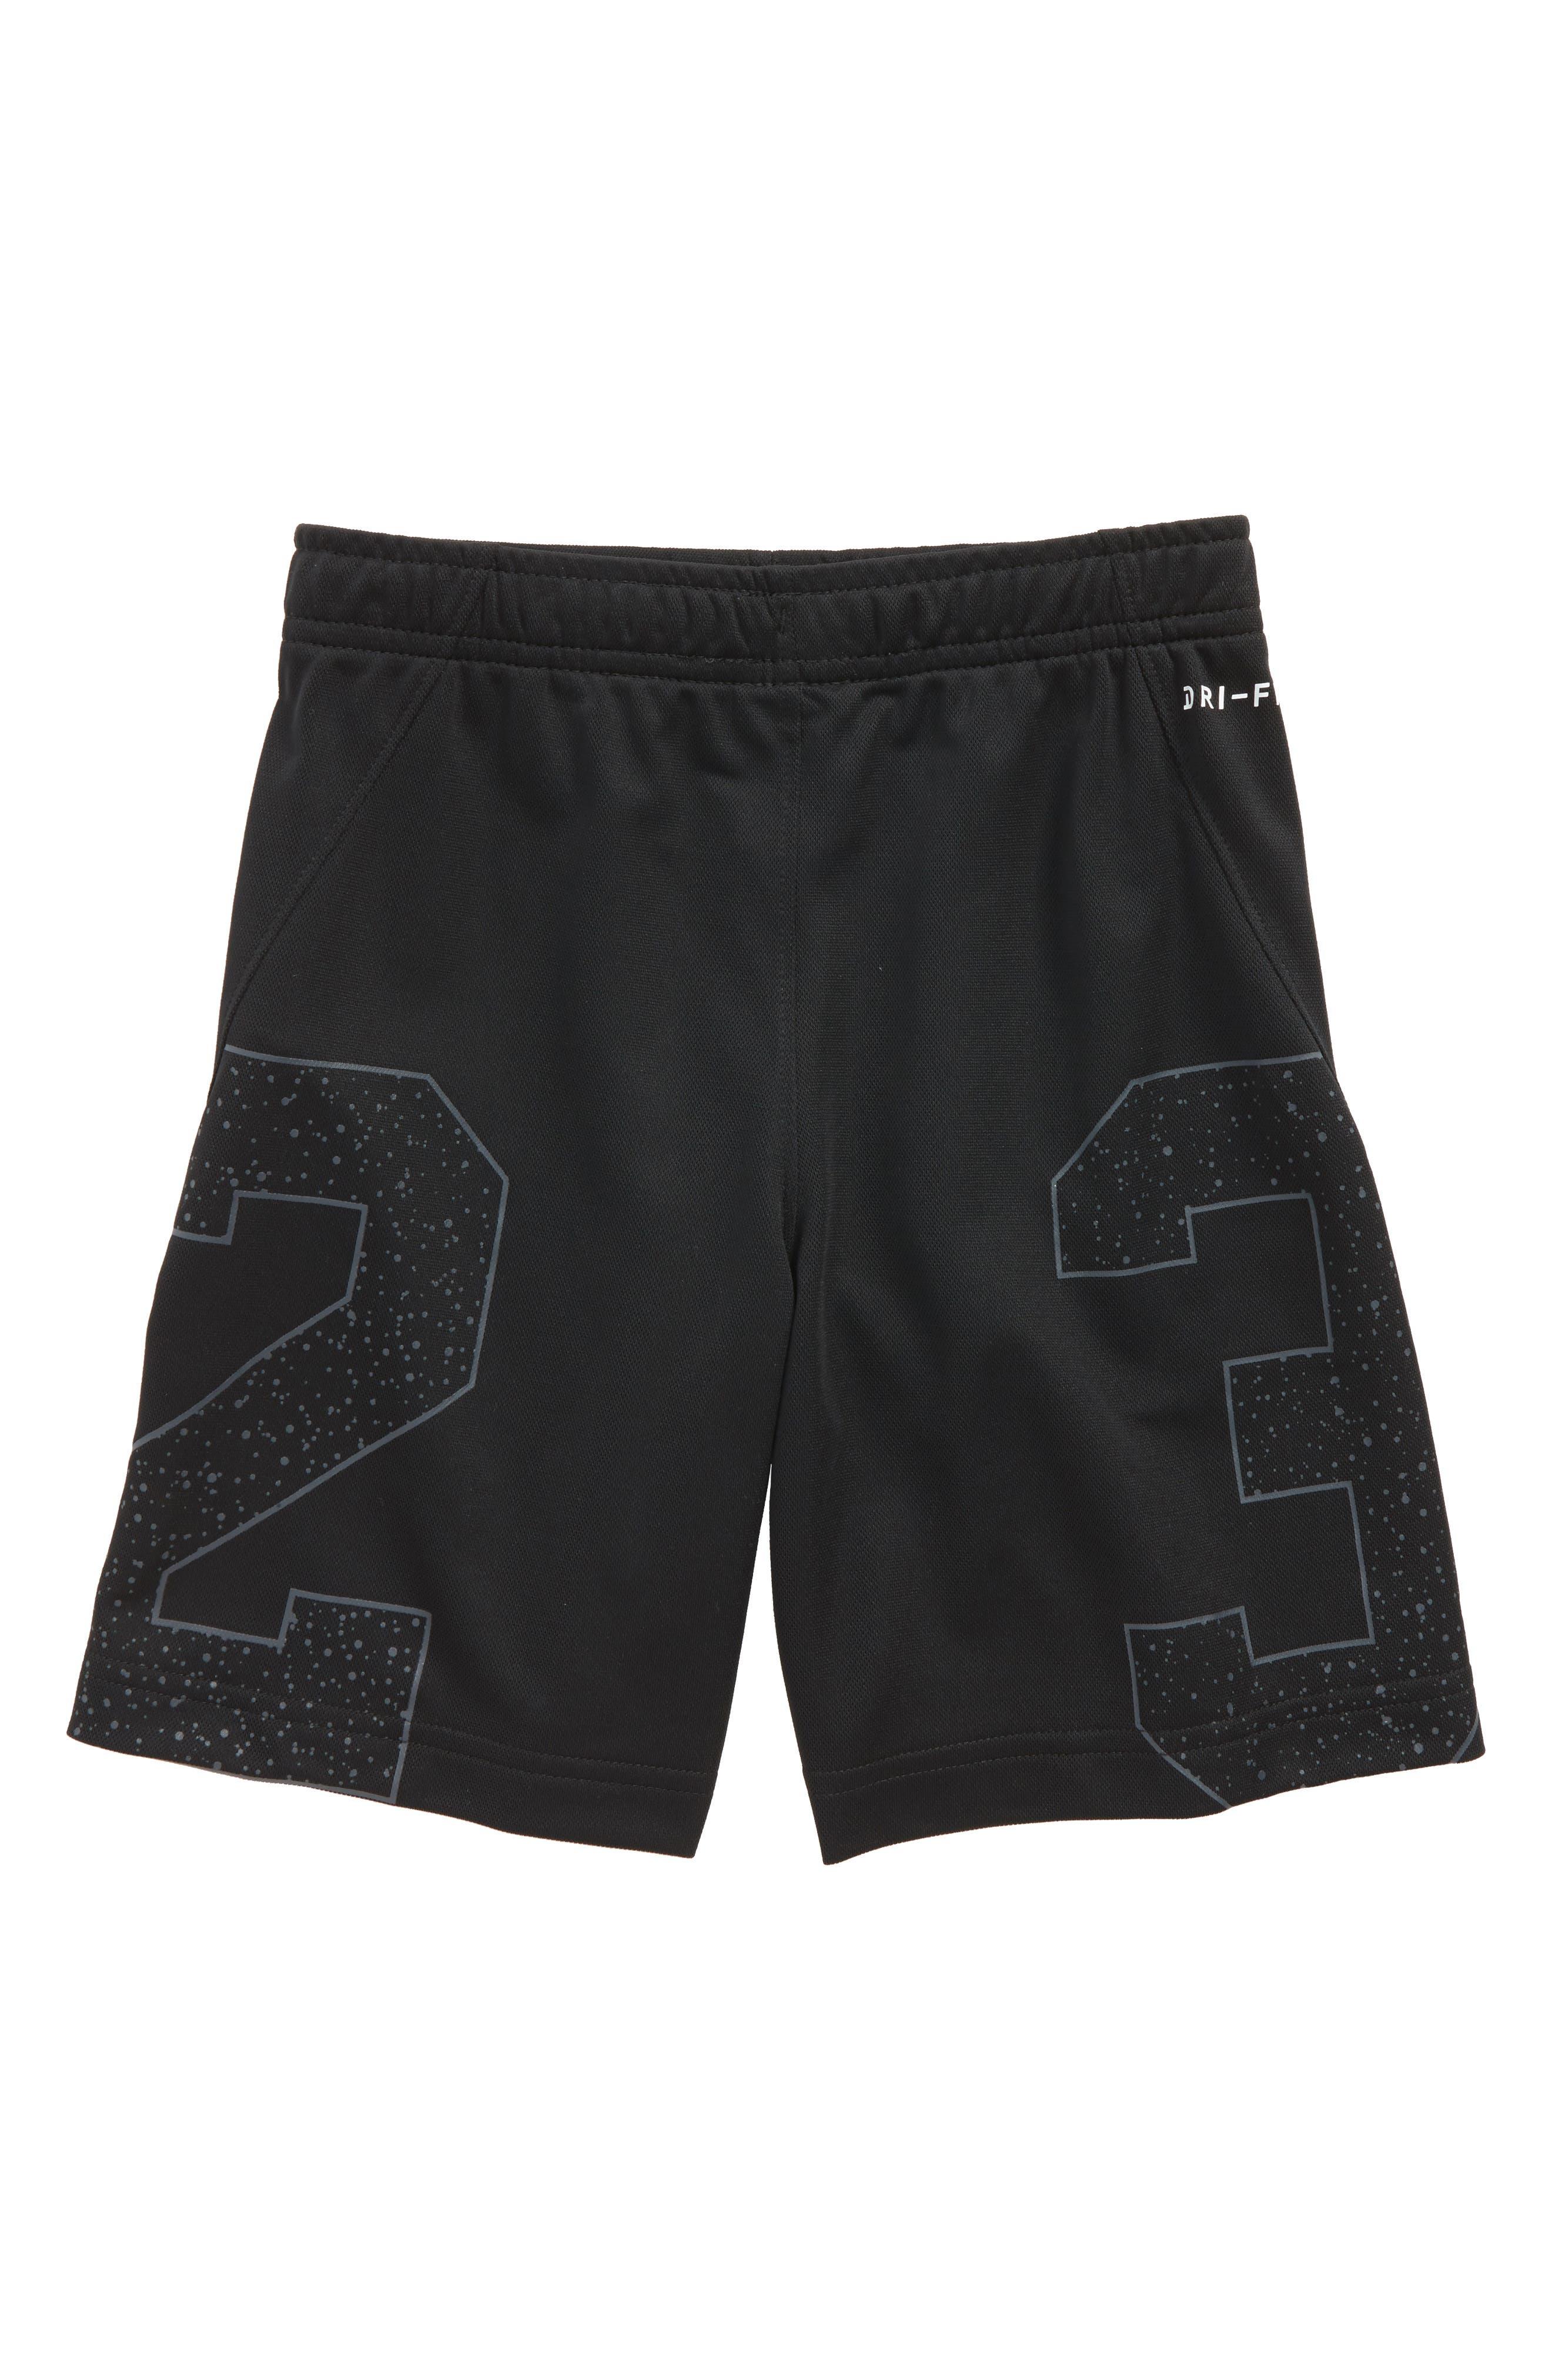 Alternate Image 2  - Jordan Dry Speckle 23 Training Shorts (Toddler Boys & Little Boys)